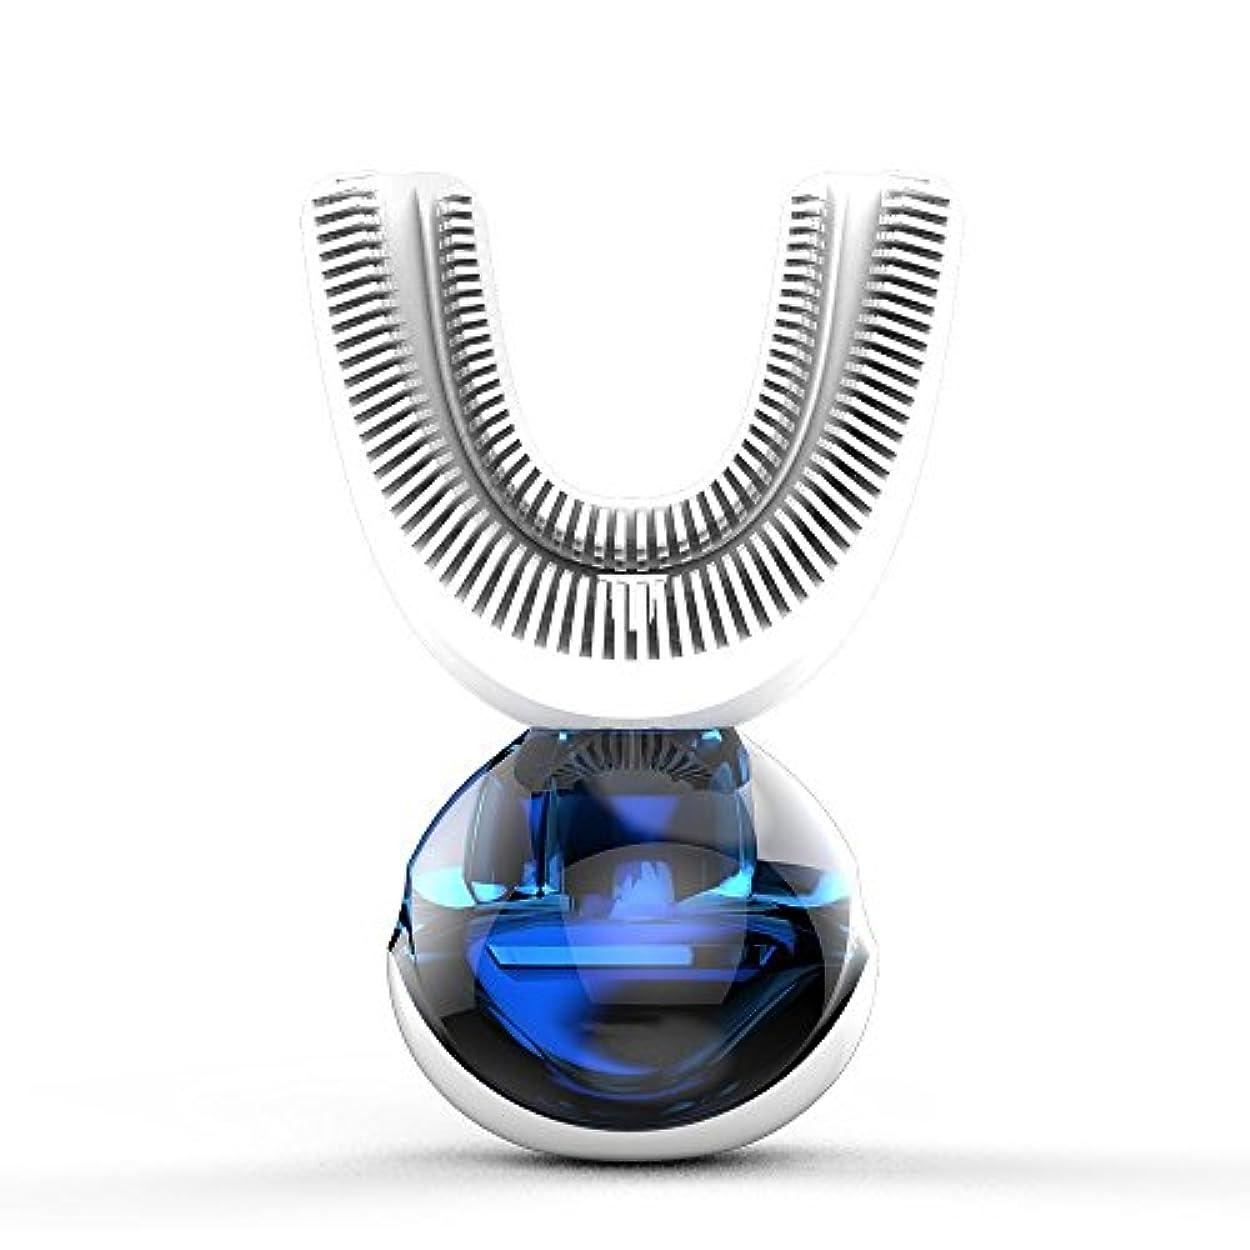 ジェーンオースティン部名声フルオートマチック可変周波数電動歯ブラシ、自動360度U字型電動歯ブラシ、ワイヤレス充電IPX7防水自動歯ブラシ(大人用)